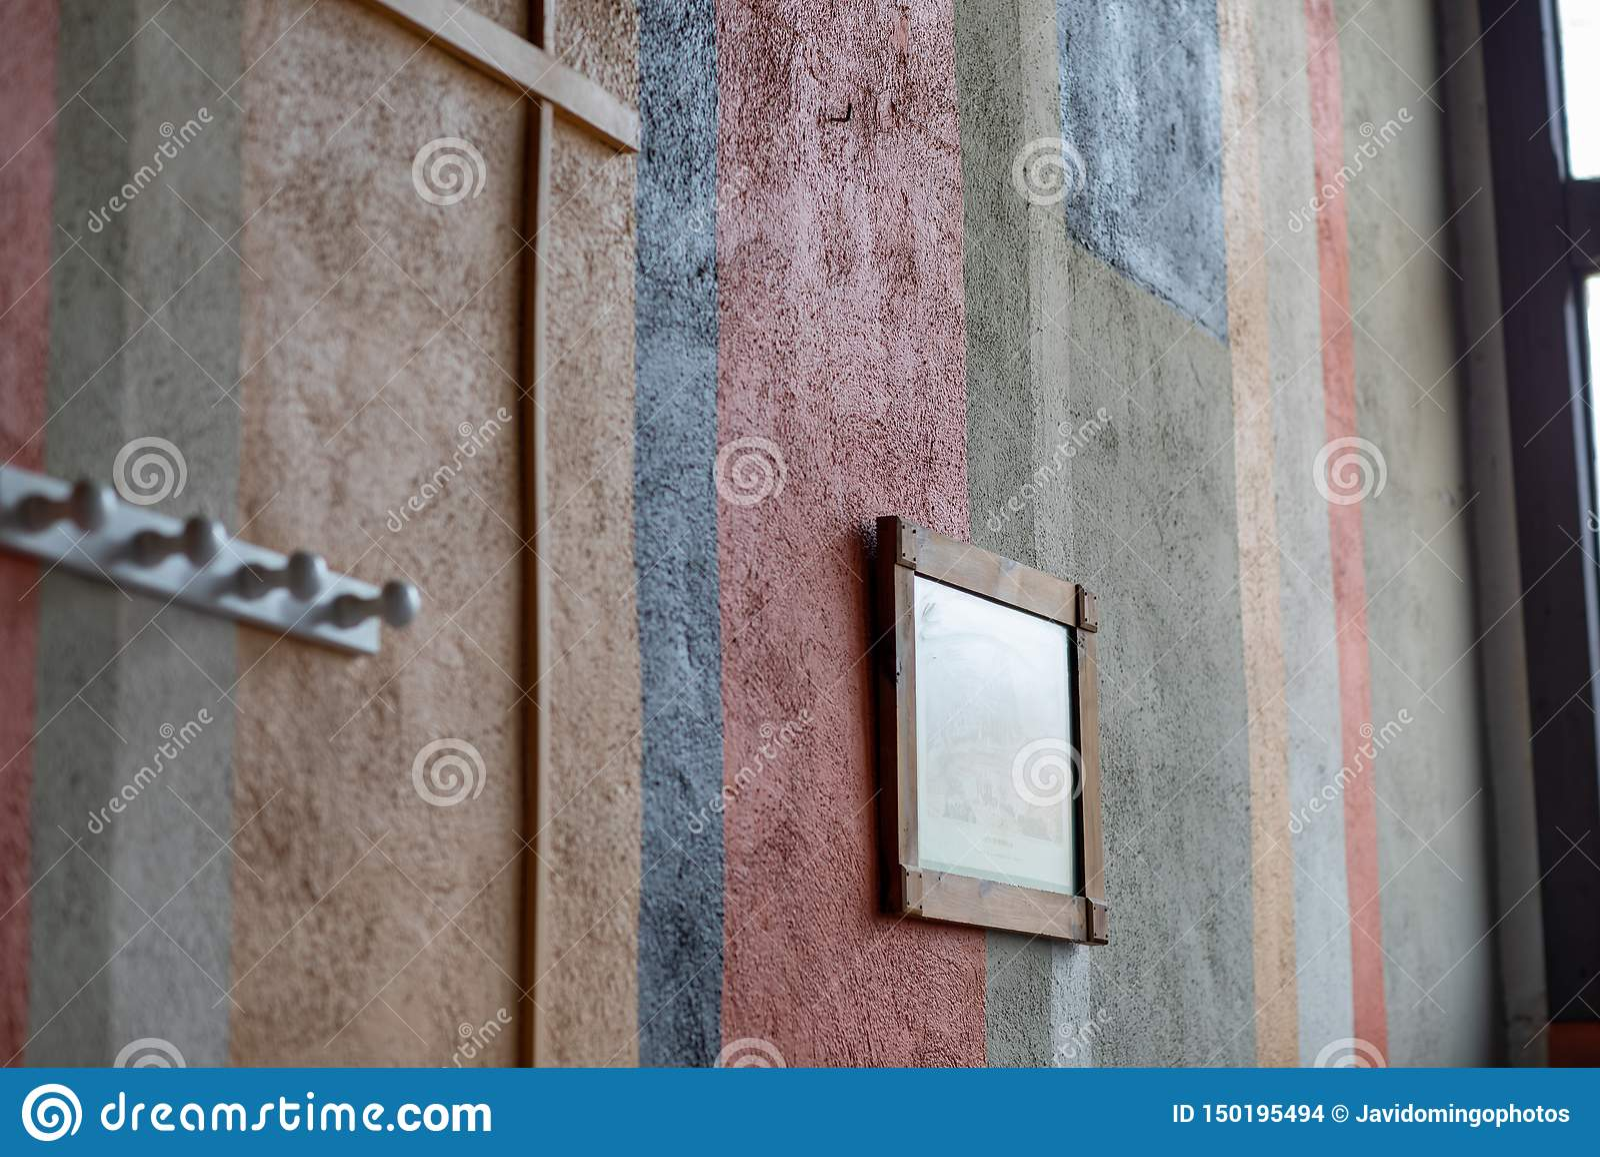 墙壁的片段有不同颜色的